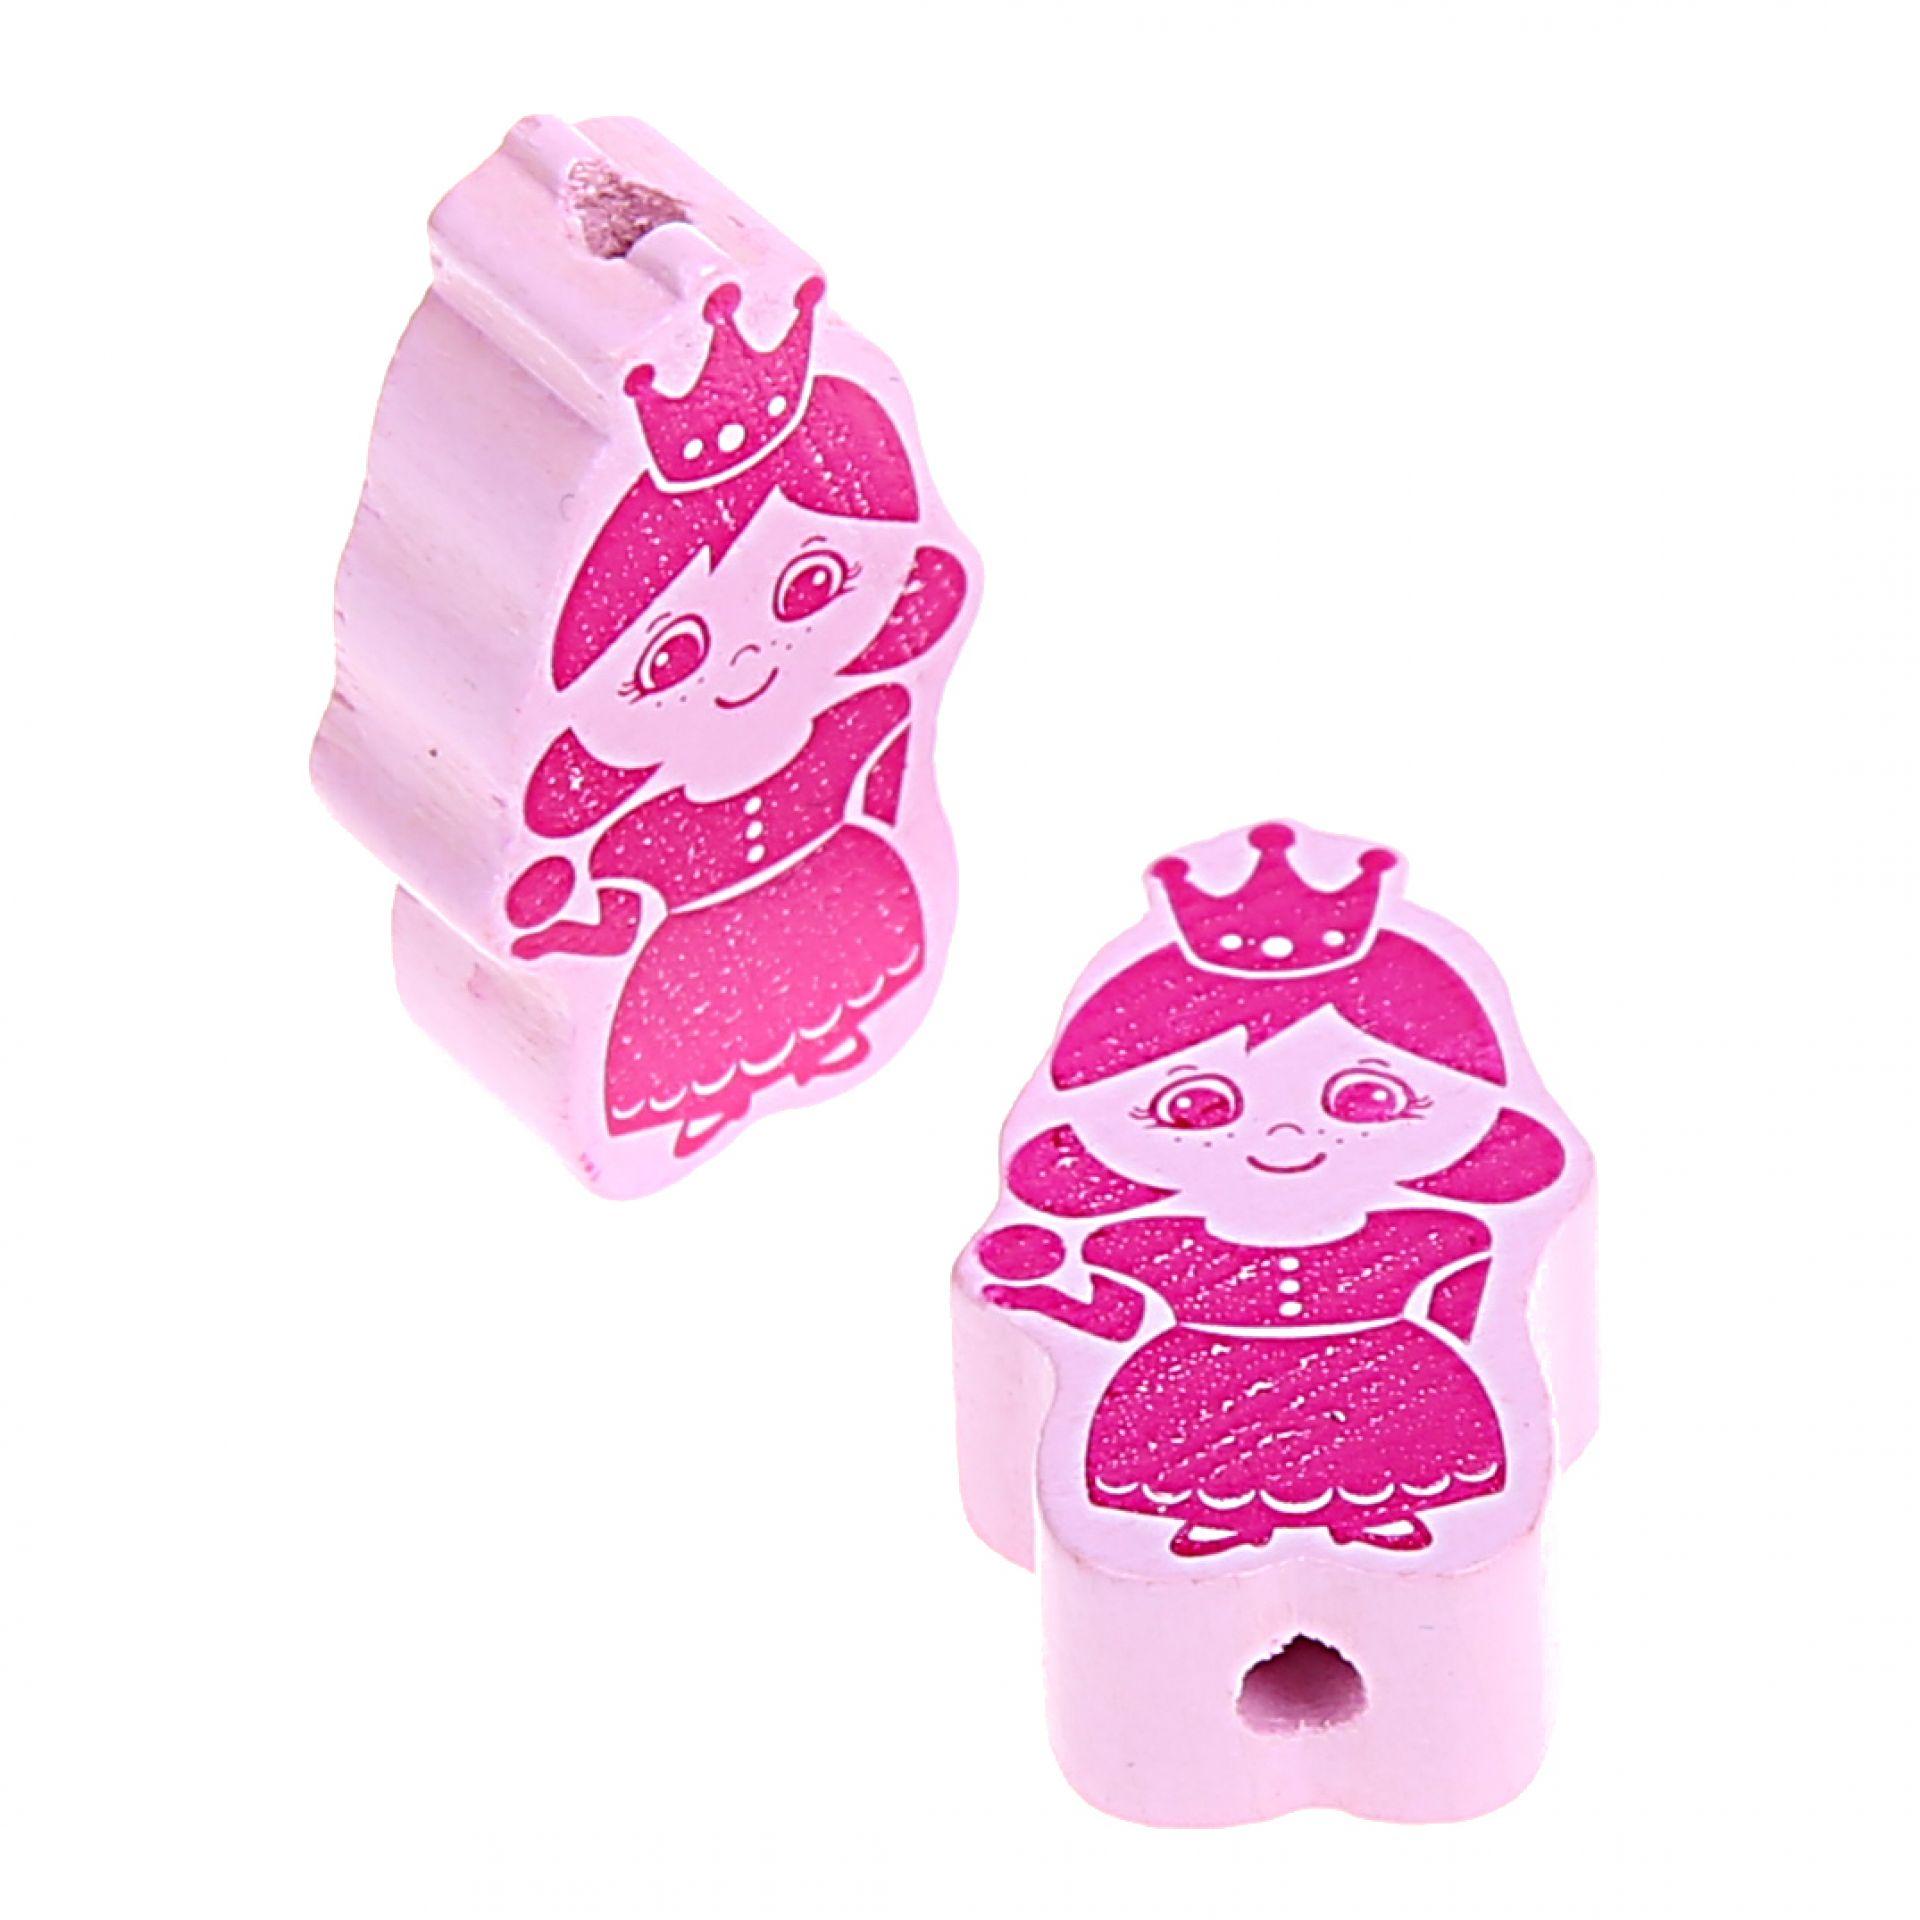 Motivperle Prinz/Prinzessin 'Prinzessin rosa ' 955 auf Lager